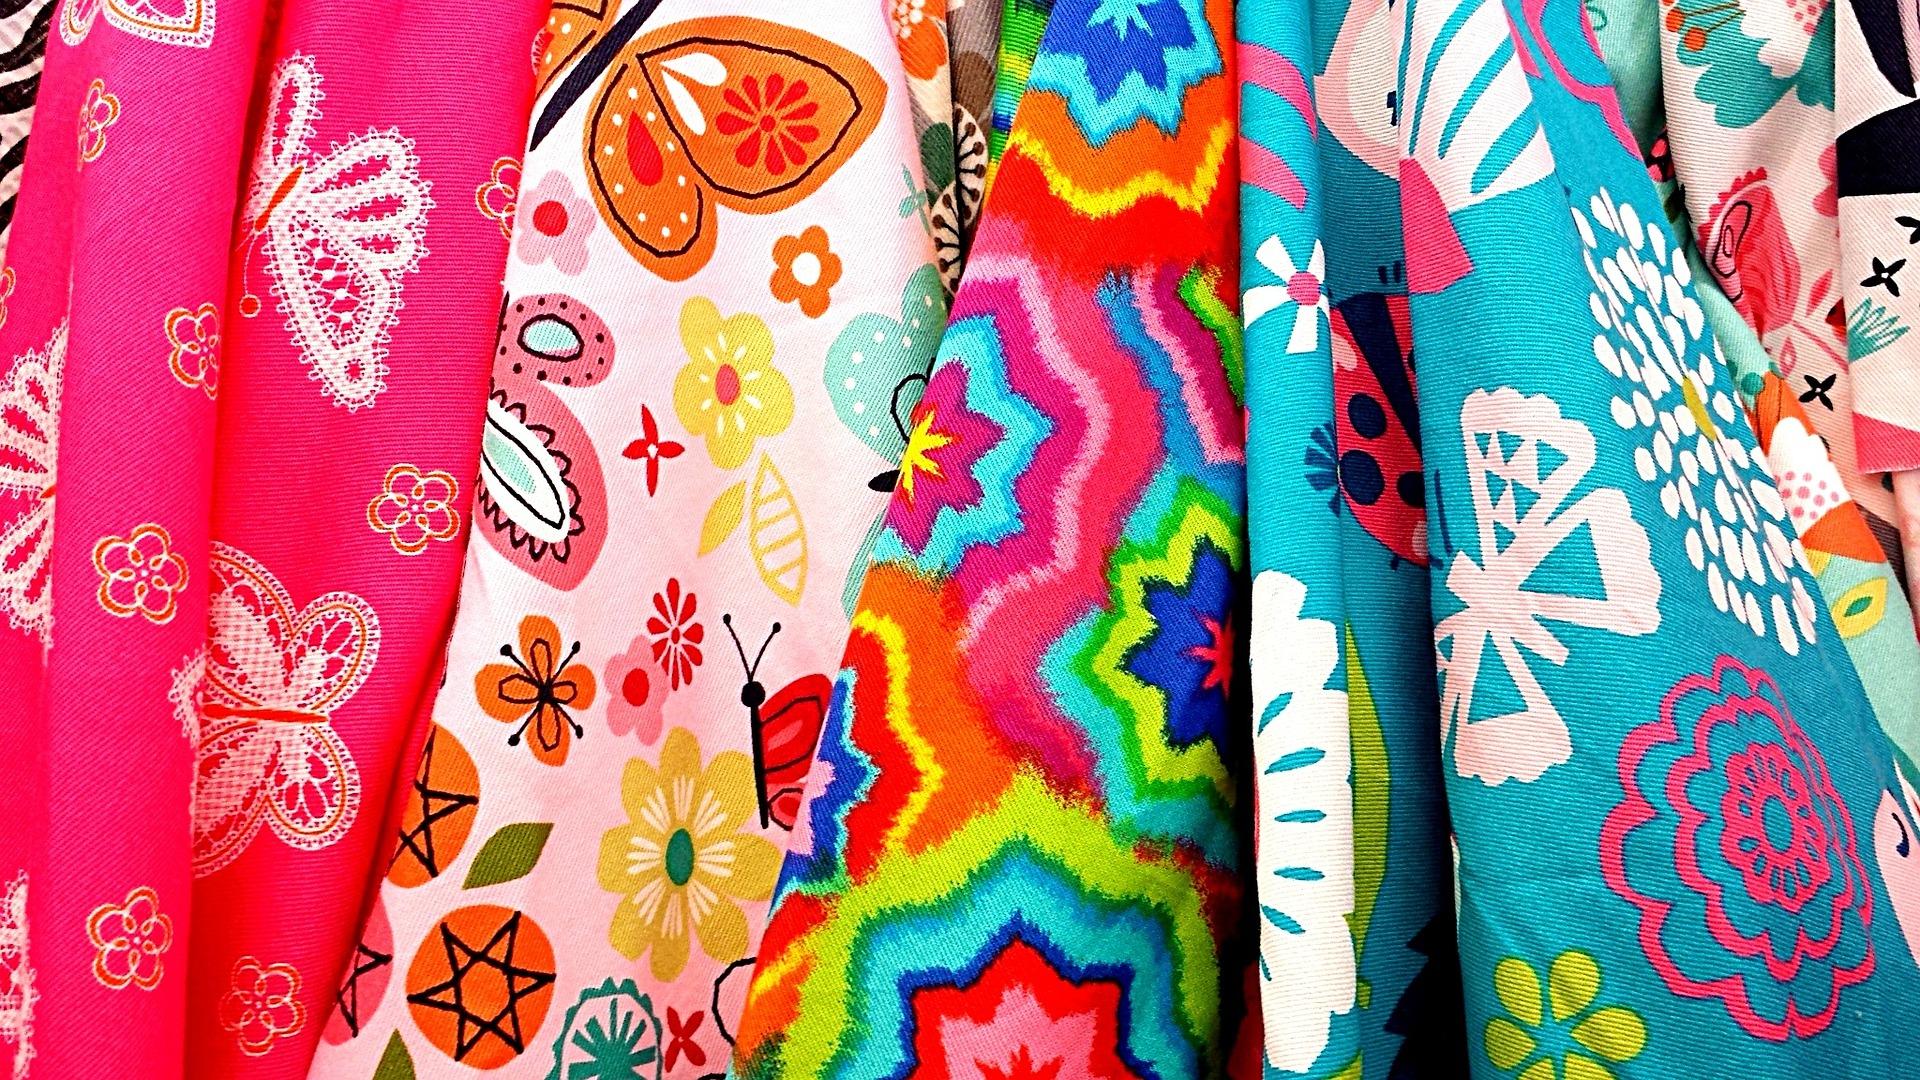 tekstiilijate.jpg